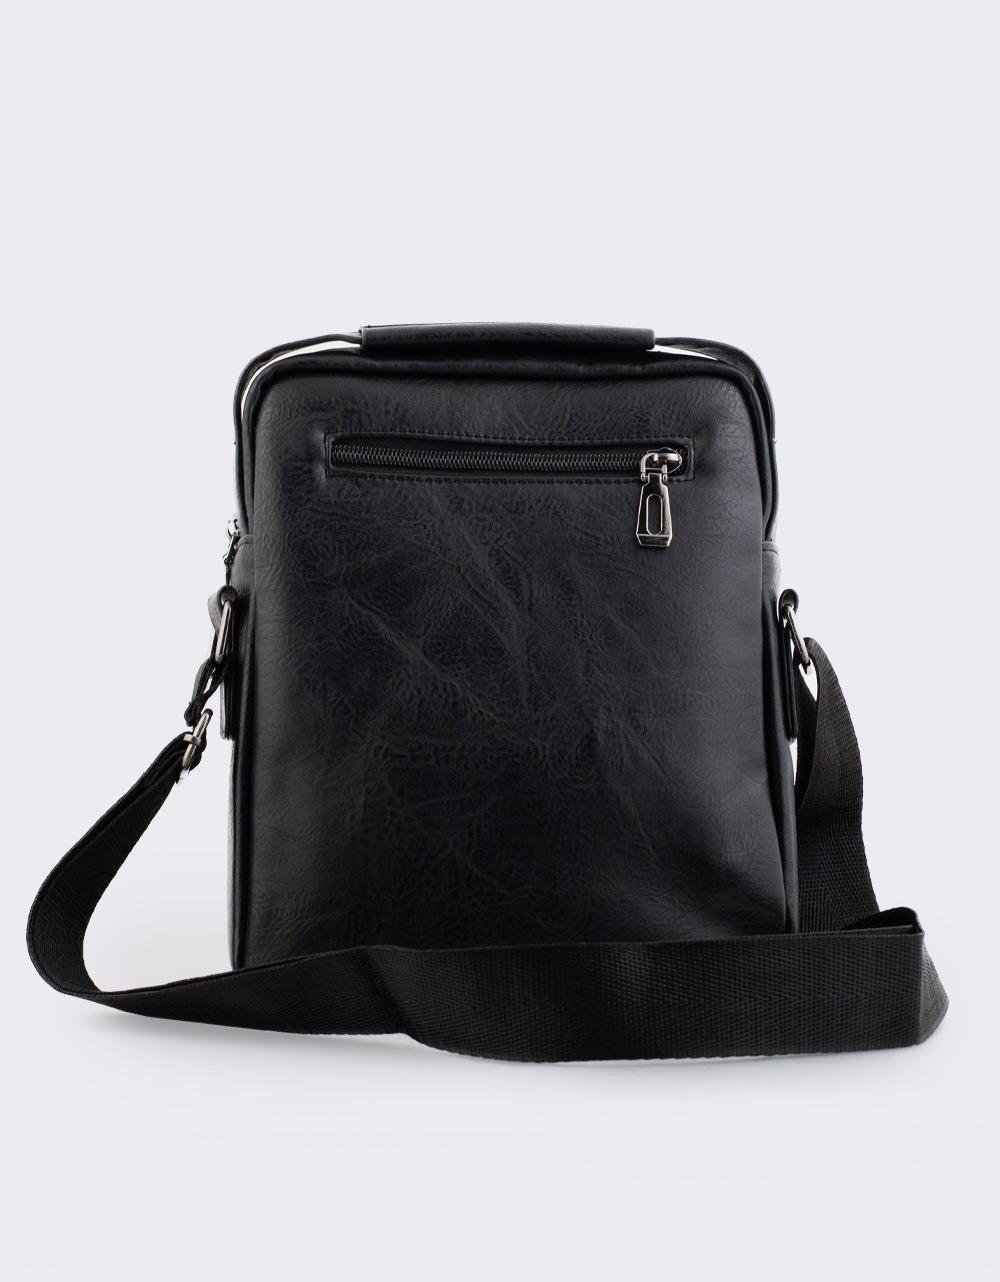 Εικόνα από Ανδρικές τσάντες ώμου με εξωτερικές θήκες Μαύρο